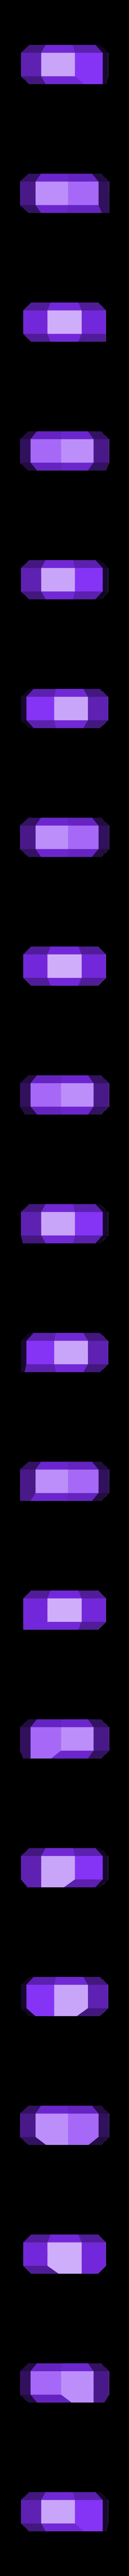 Big_Gem.stl Télécharger fichier STL gratuit Pots de pierres précieuses • Plan pour impression 3D, Isi8Bit